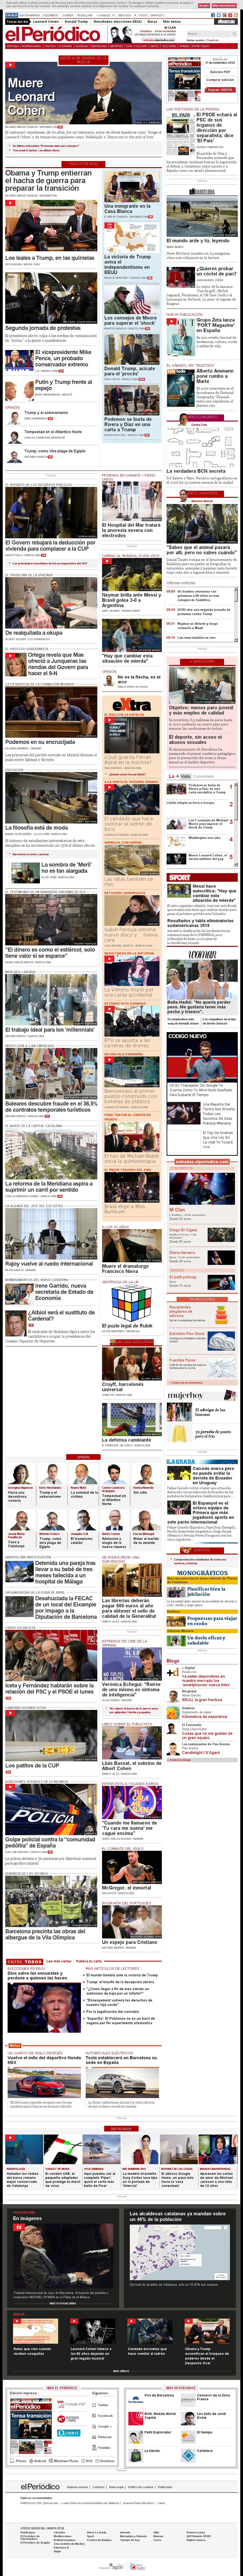 El Periodico at Friday Nov. 11, 2016, 9:17 a.m. UTC